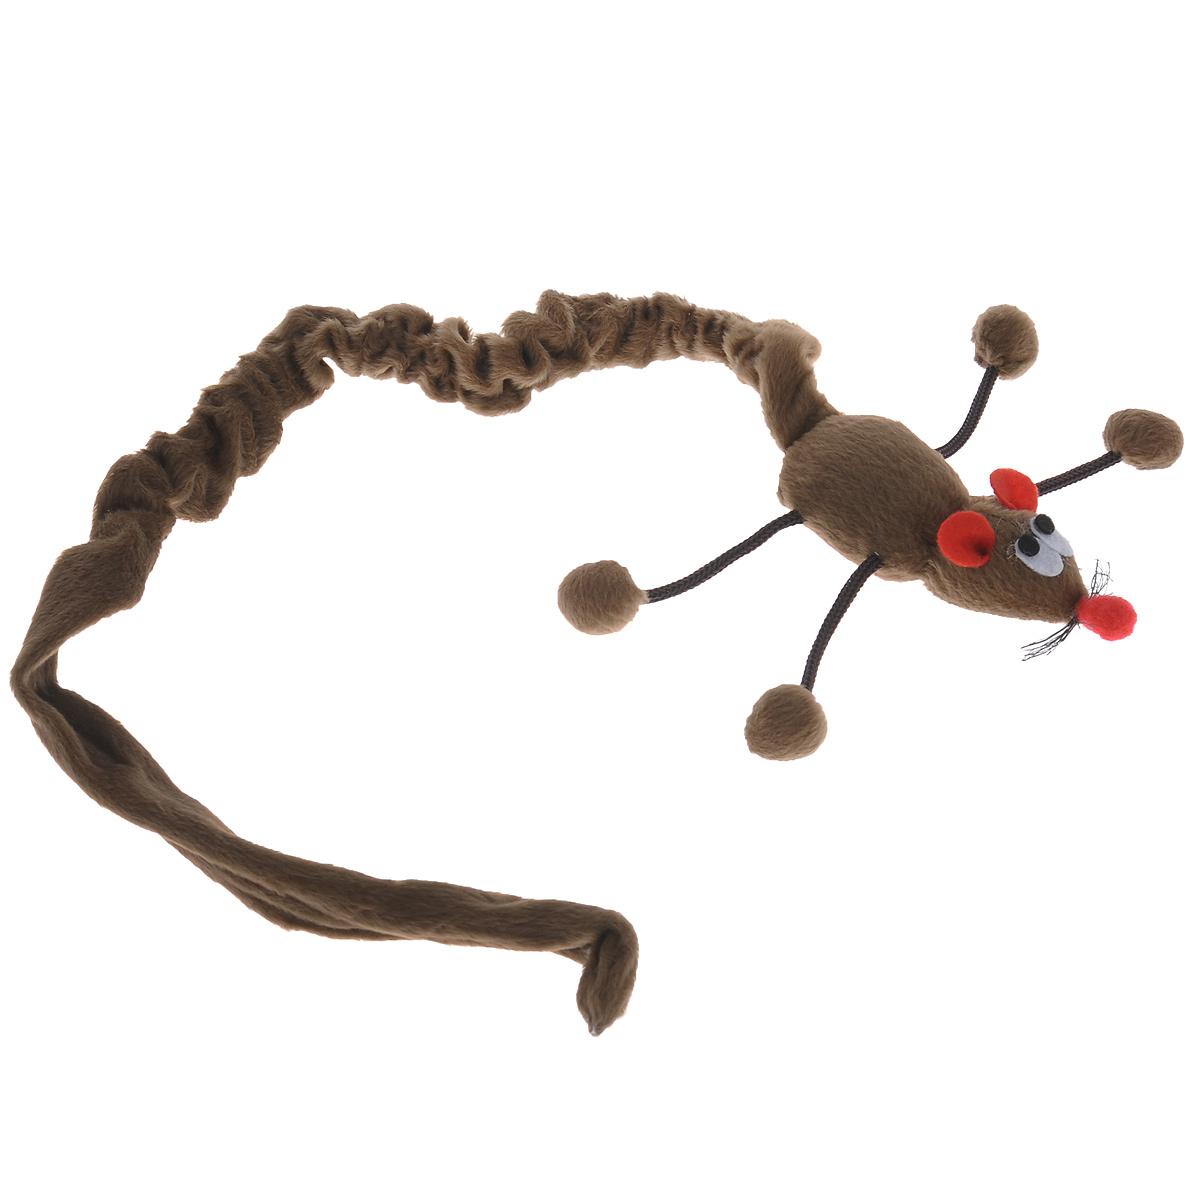 Игрушка для кошек I.P.T.S. Дразнилка-мышь, подвесная, цвет: коричневый, длина 61-86 см430238Игрушка I.P.T.S. Дразнилка-мышь, изготовленная из текстиля, выполнена в виде удочки с подвесной плюшевой мышкой и предназначена для активных игр с кошкой. Такая игрушка не навредит здоровью вашего питомца и увлечет его на долгое время. Длина: 61-86 см.